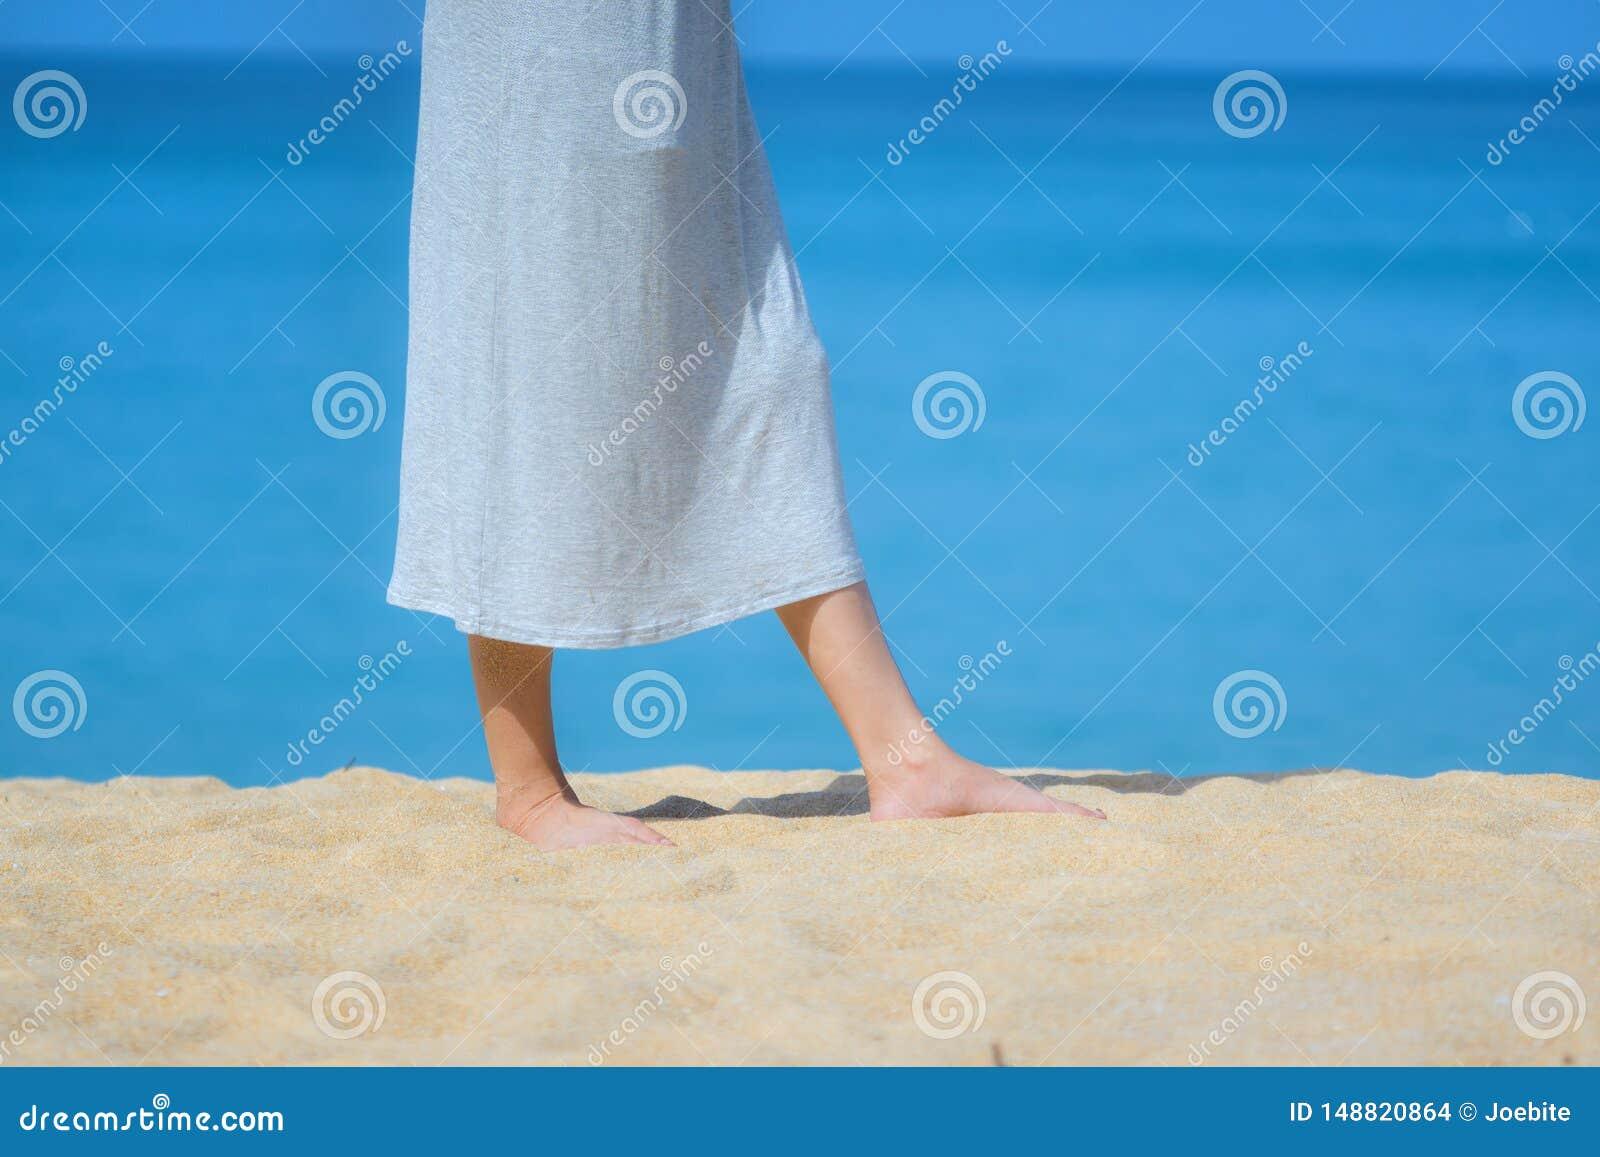 Slut upp h?rlig ung kvinnlig fot barfota som g?r p? sandstranden med havs- och himmelbakgrund Morgondet fria ?var i en su